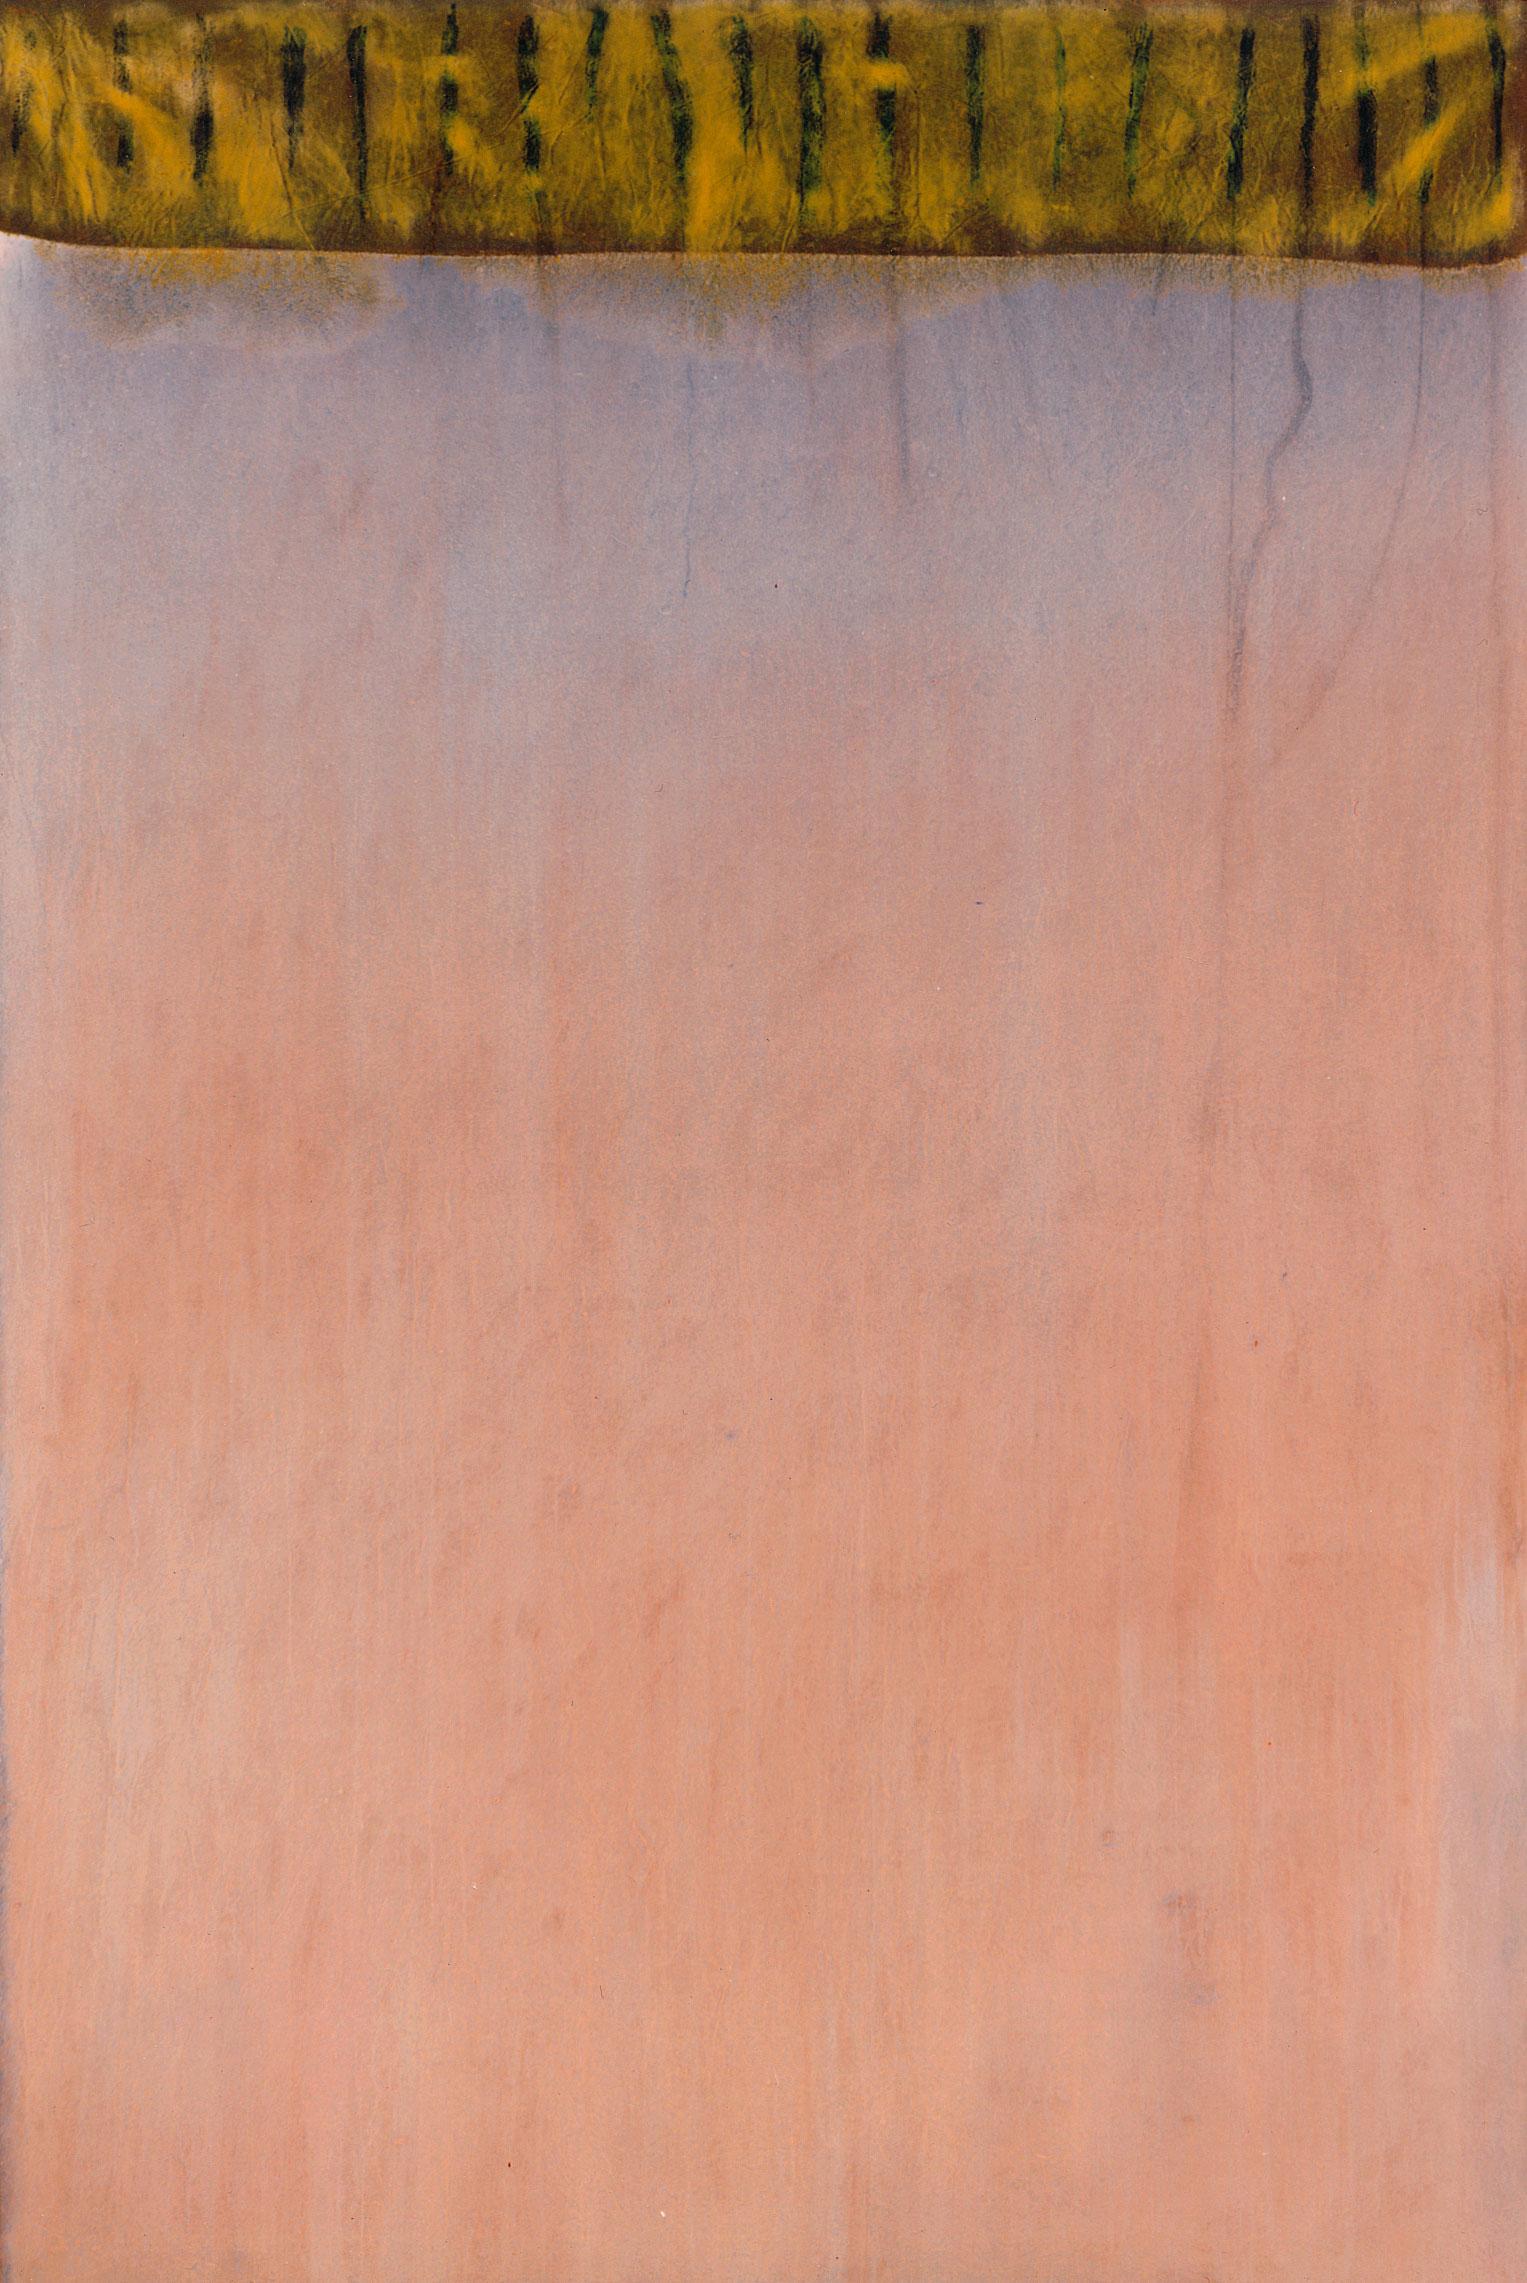 Sense títol,  pintura sobre tela, 195 x 135 centímetres 1993